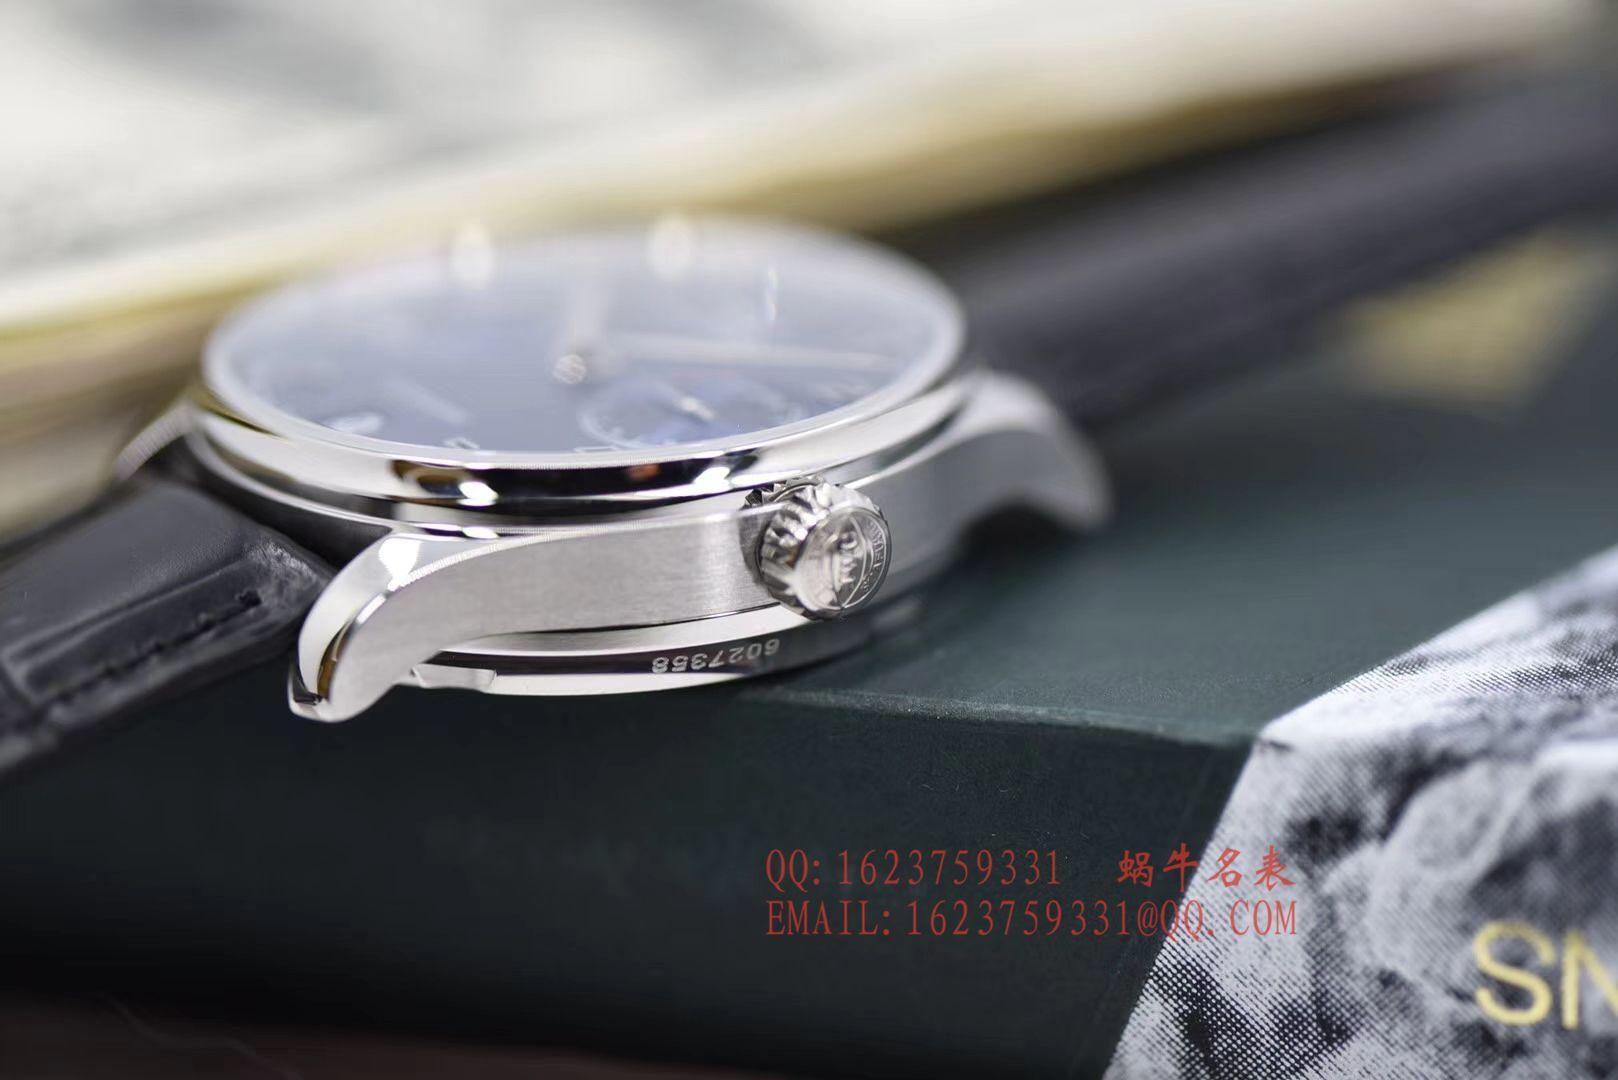 【独家视频评测ZF一比一超A高仿手表V5版本】万国葡萄牙七天7 DAYS系列 IW500710腕表《葡七蓝面》